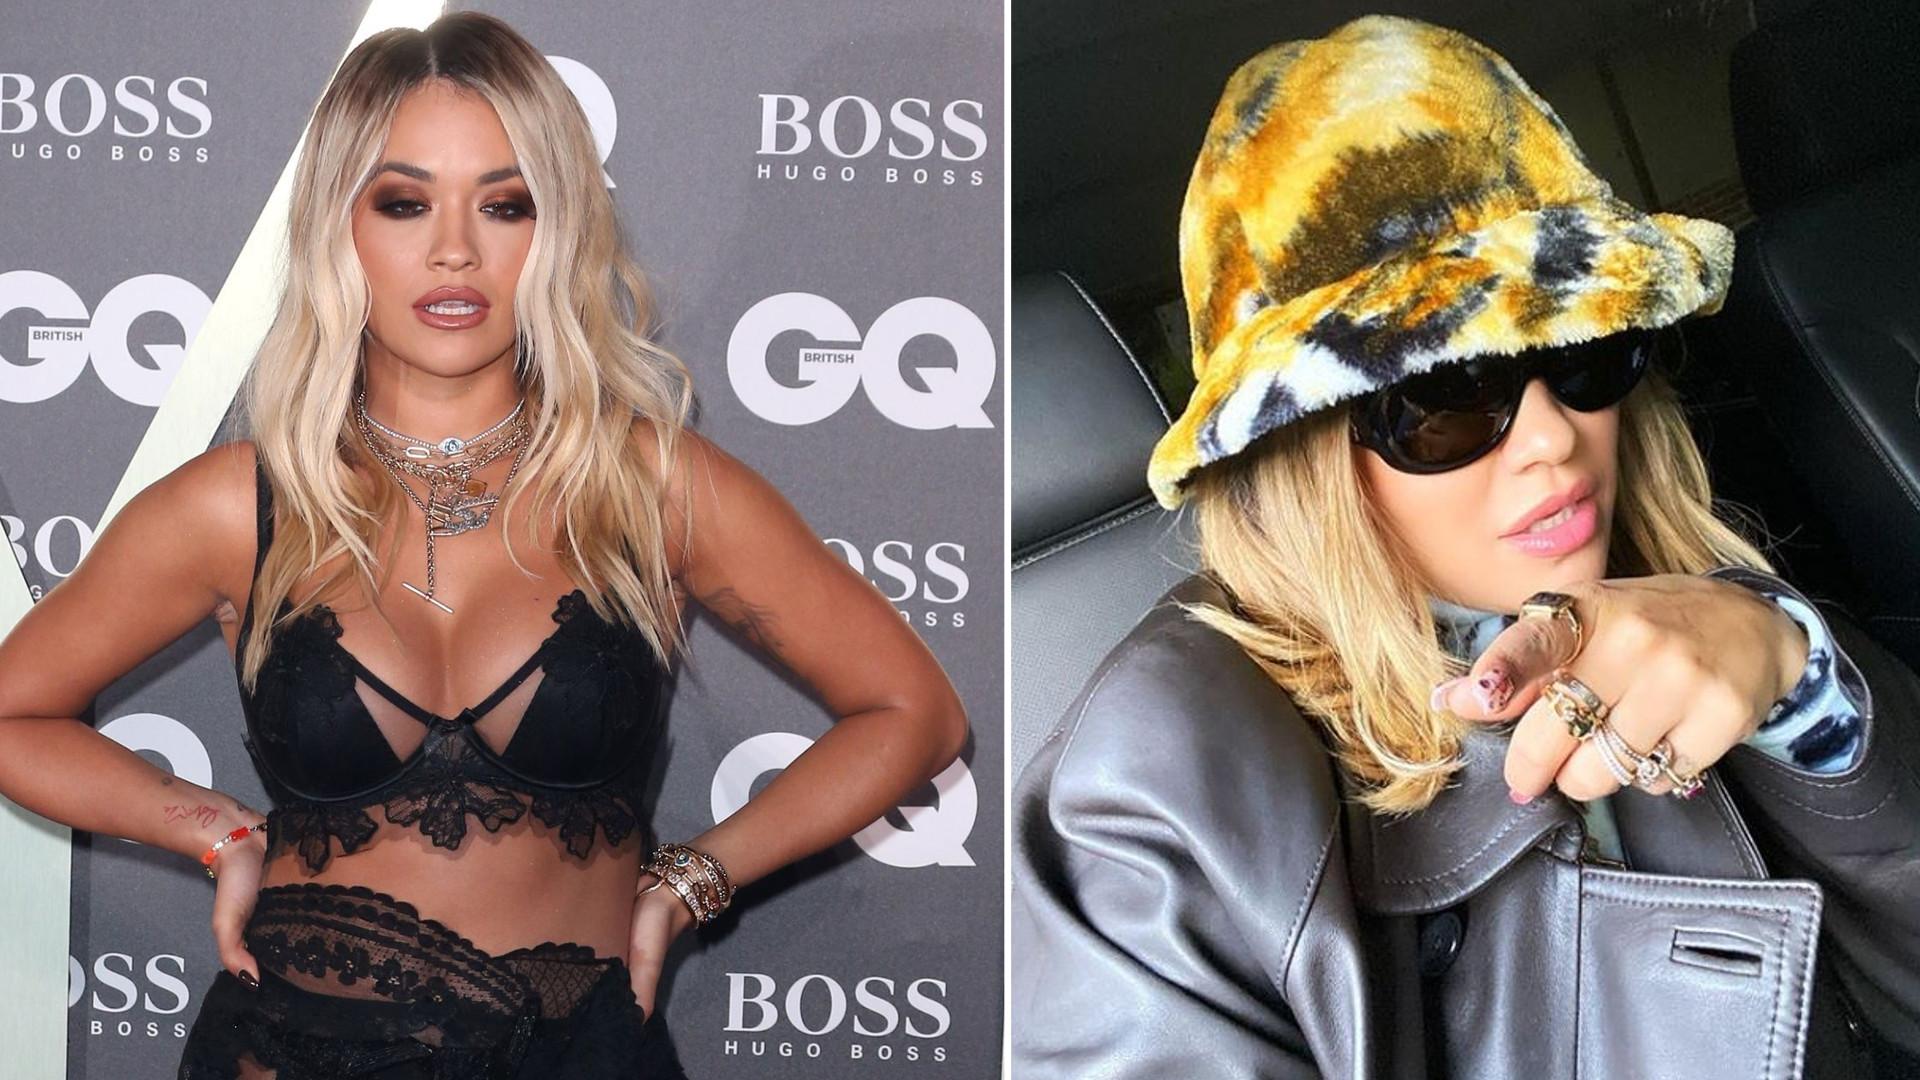 Rita Ora gorzej zarabia, dlatego wypuściła kolekcję rzeczy do domu sygnowaną własnym nazwiskiem?